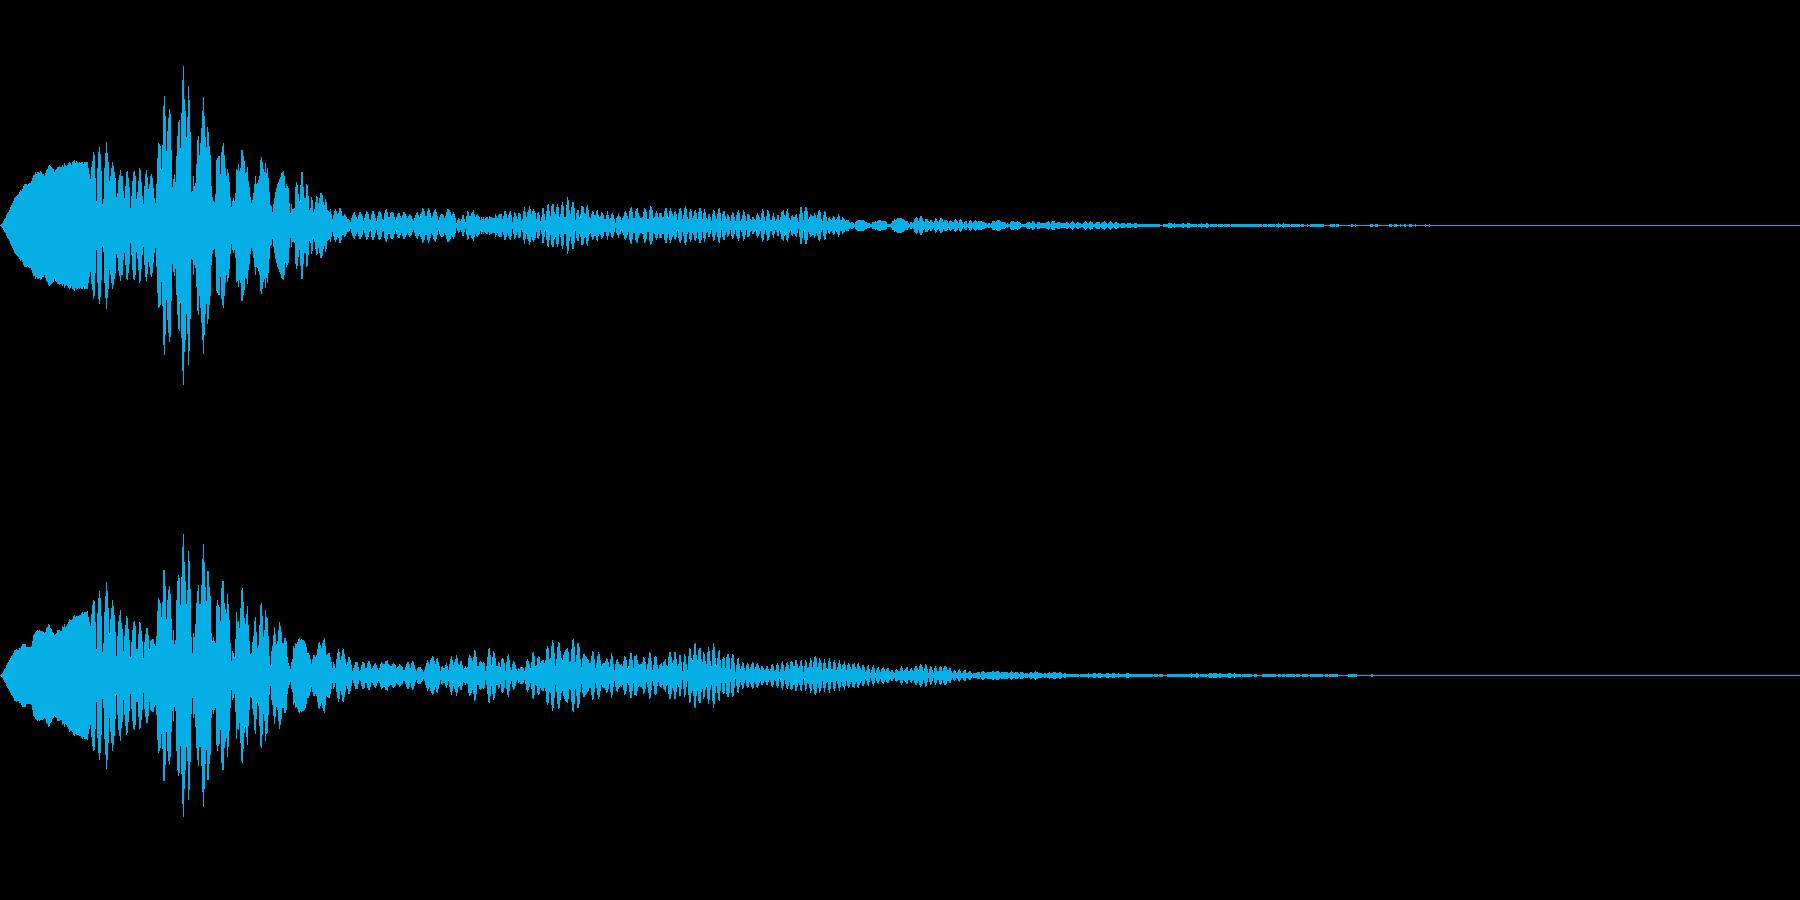 シンプルなキャンセル音3の再生済みの波形